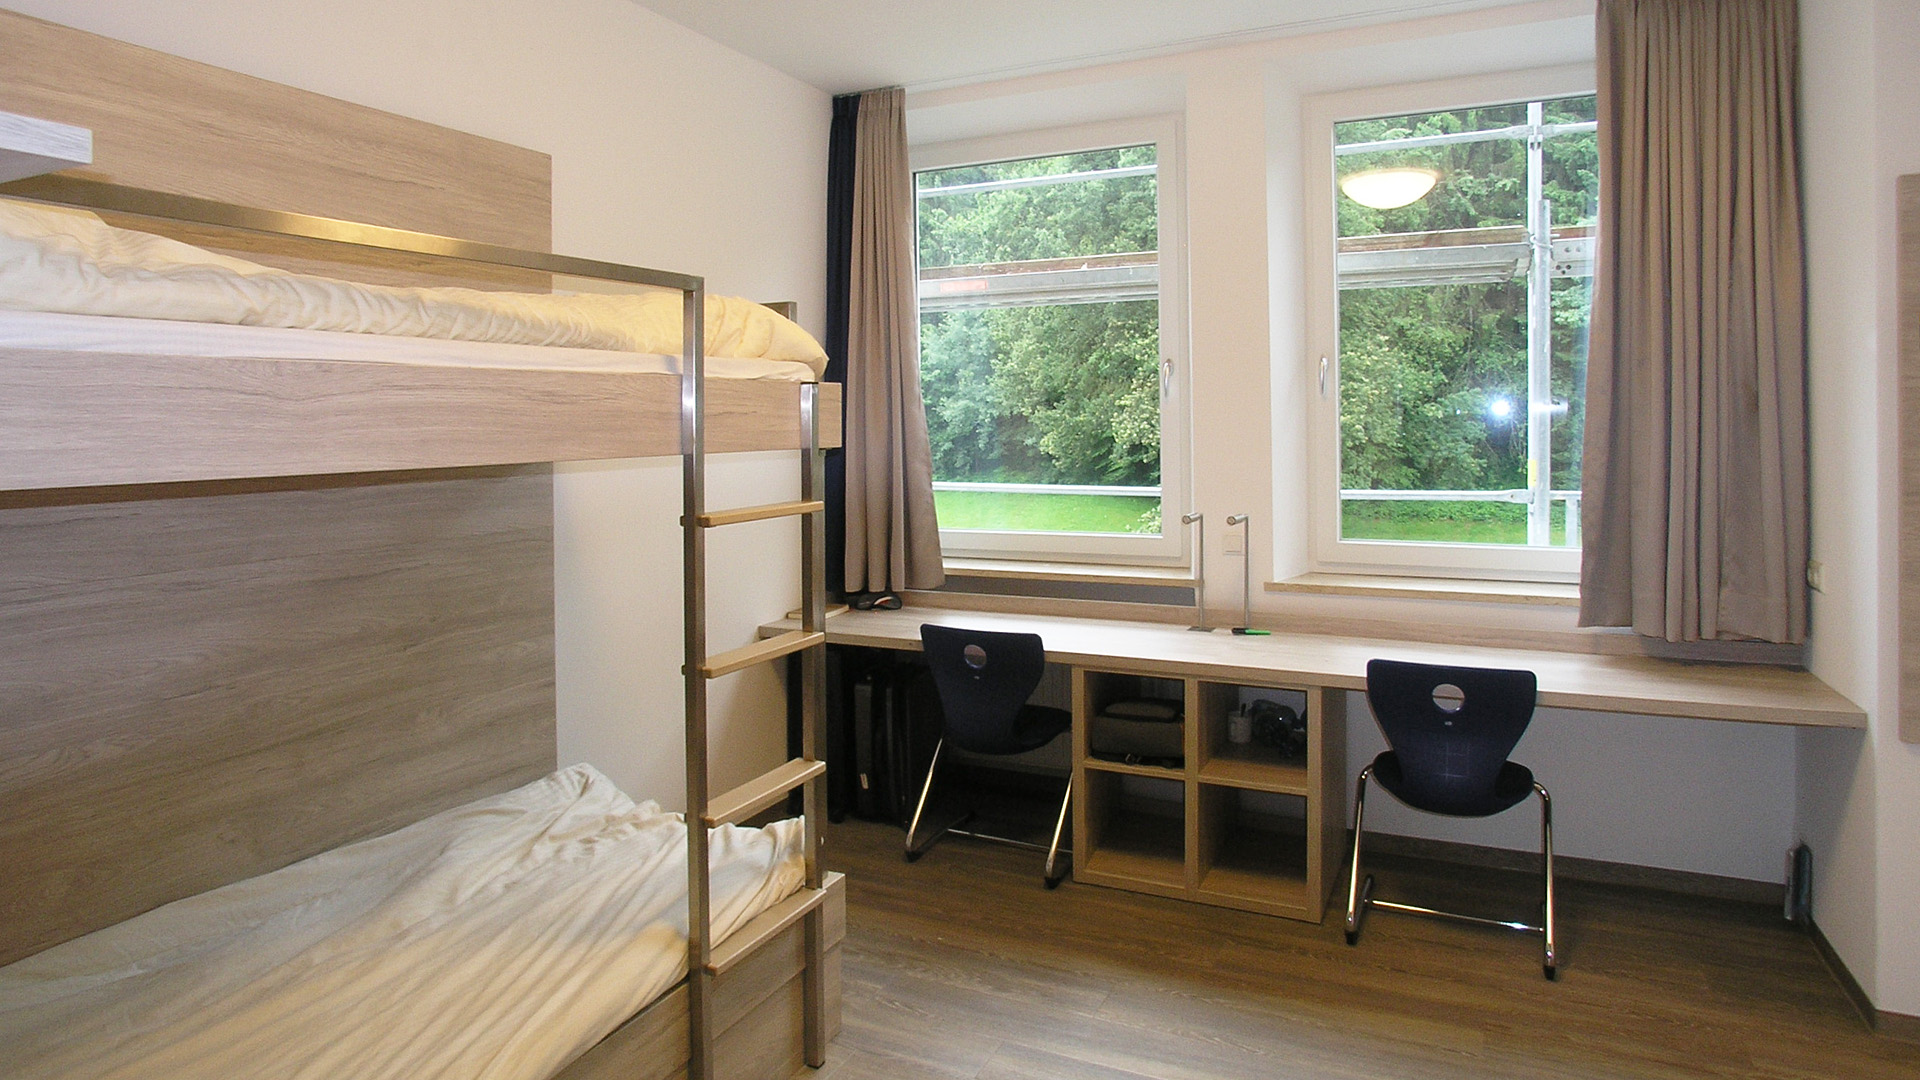 Humboldt-Jugendgästehaus, Zweibettzimmer